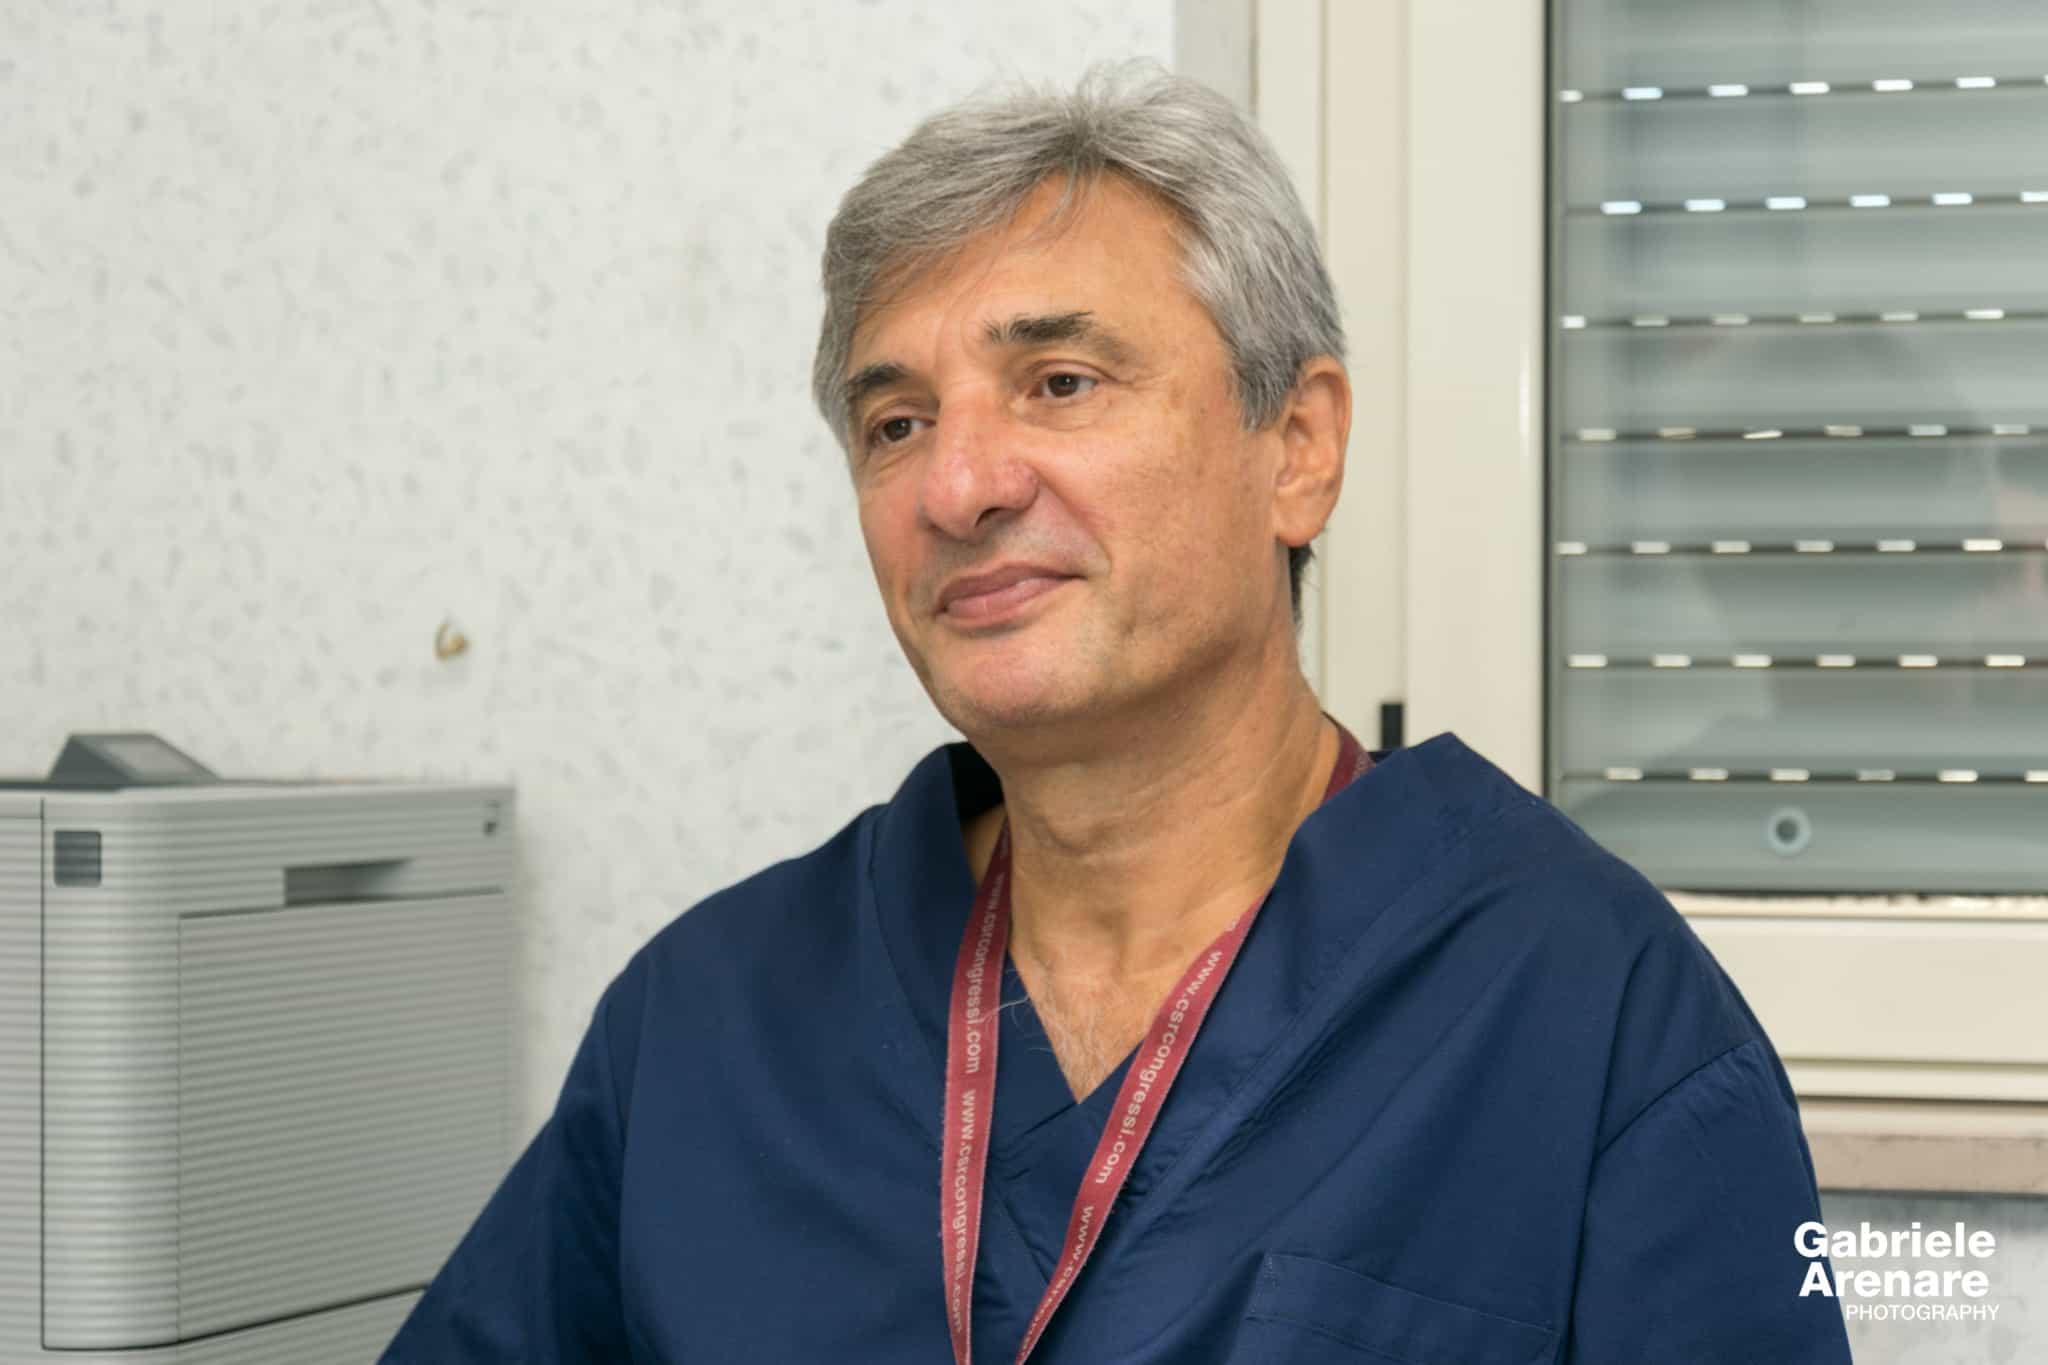 Il dott. Alfredo Bucciero durante l'intervista - Photo credit Gabriele Arenare